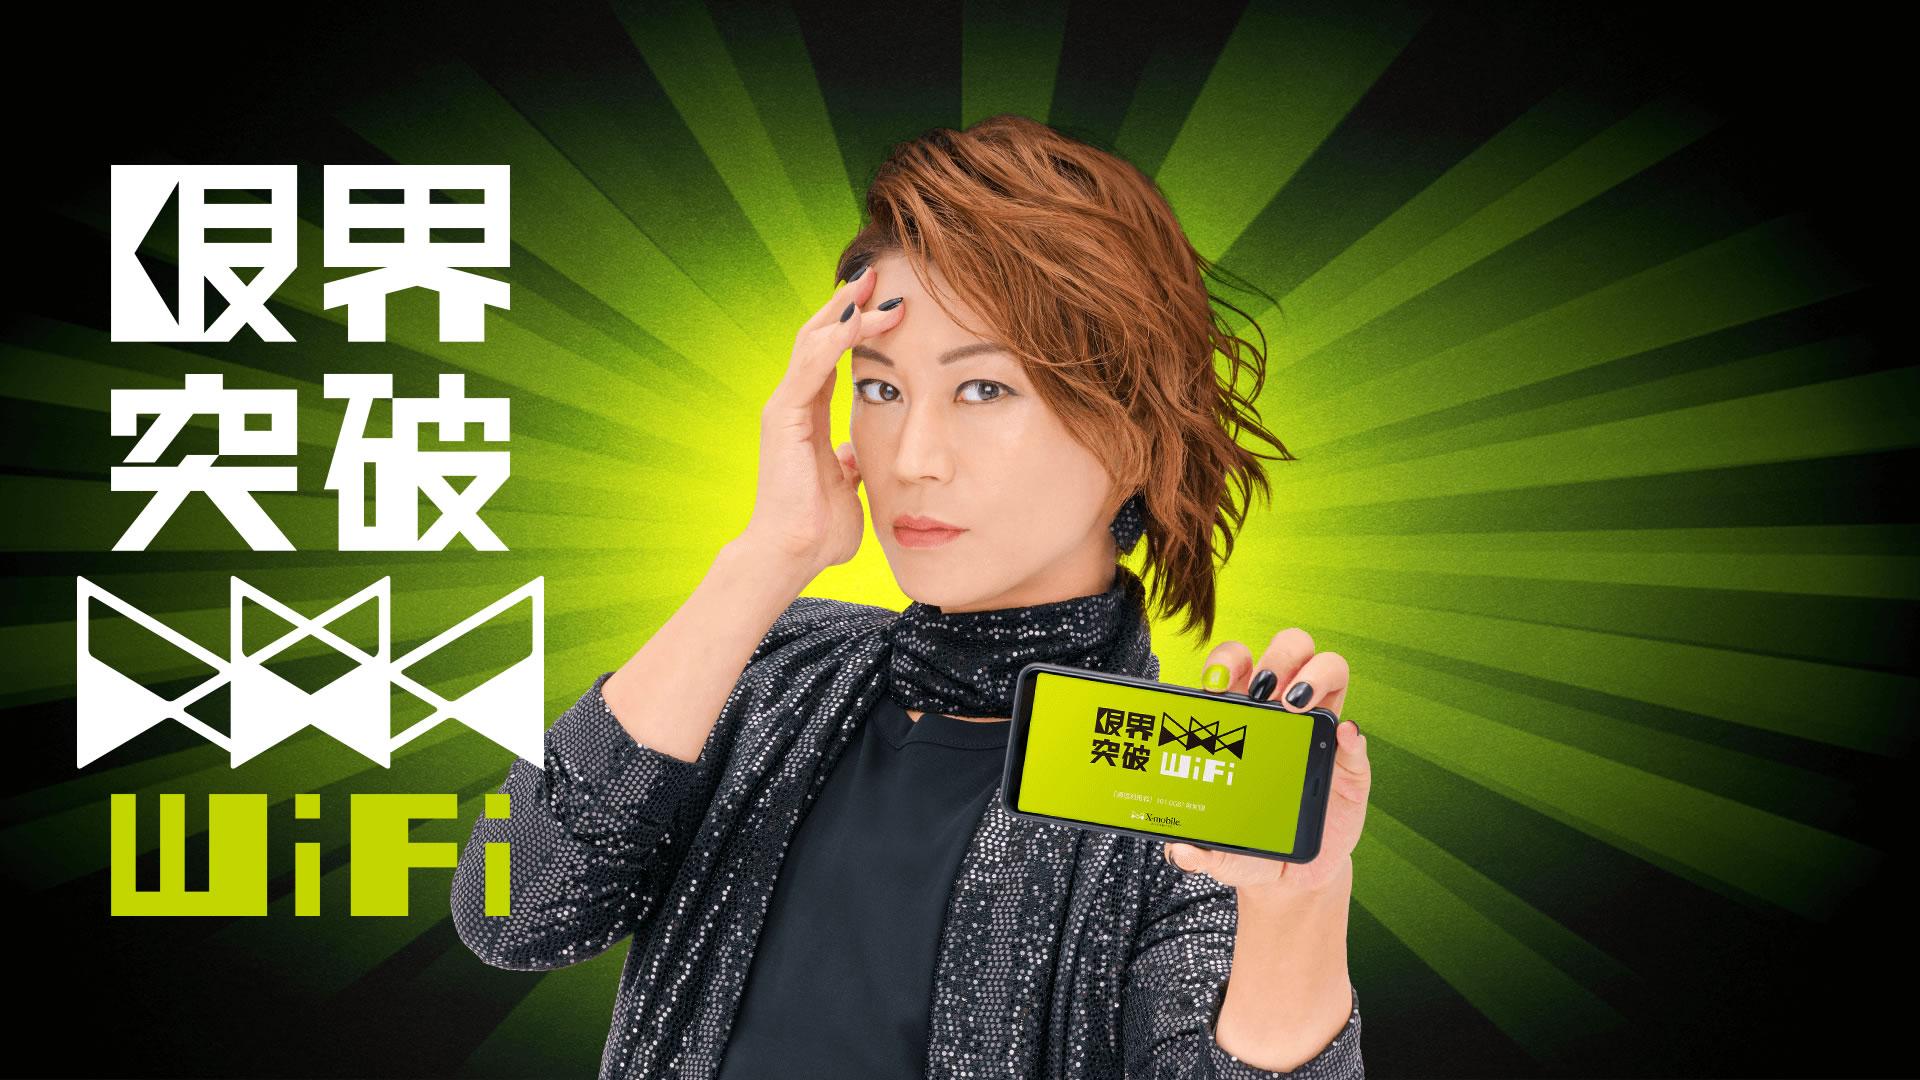 エックスモバイル - X-mobile_限界突破WiFi